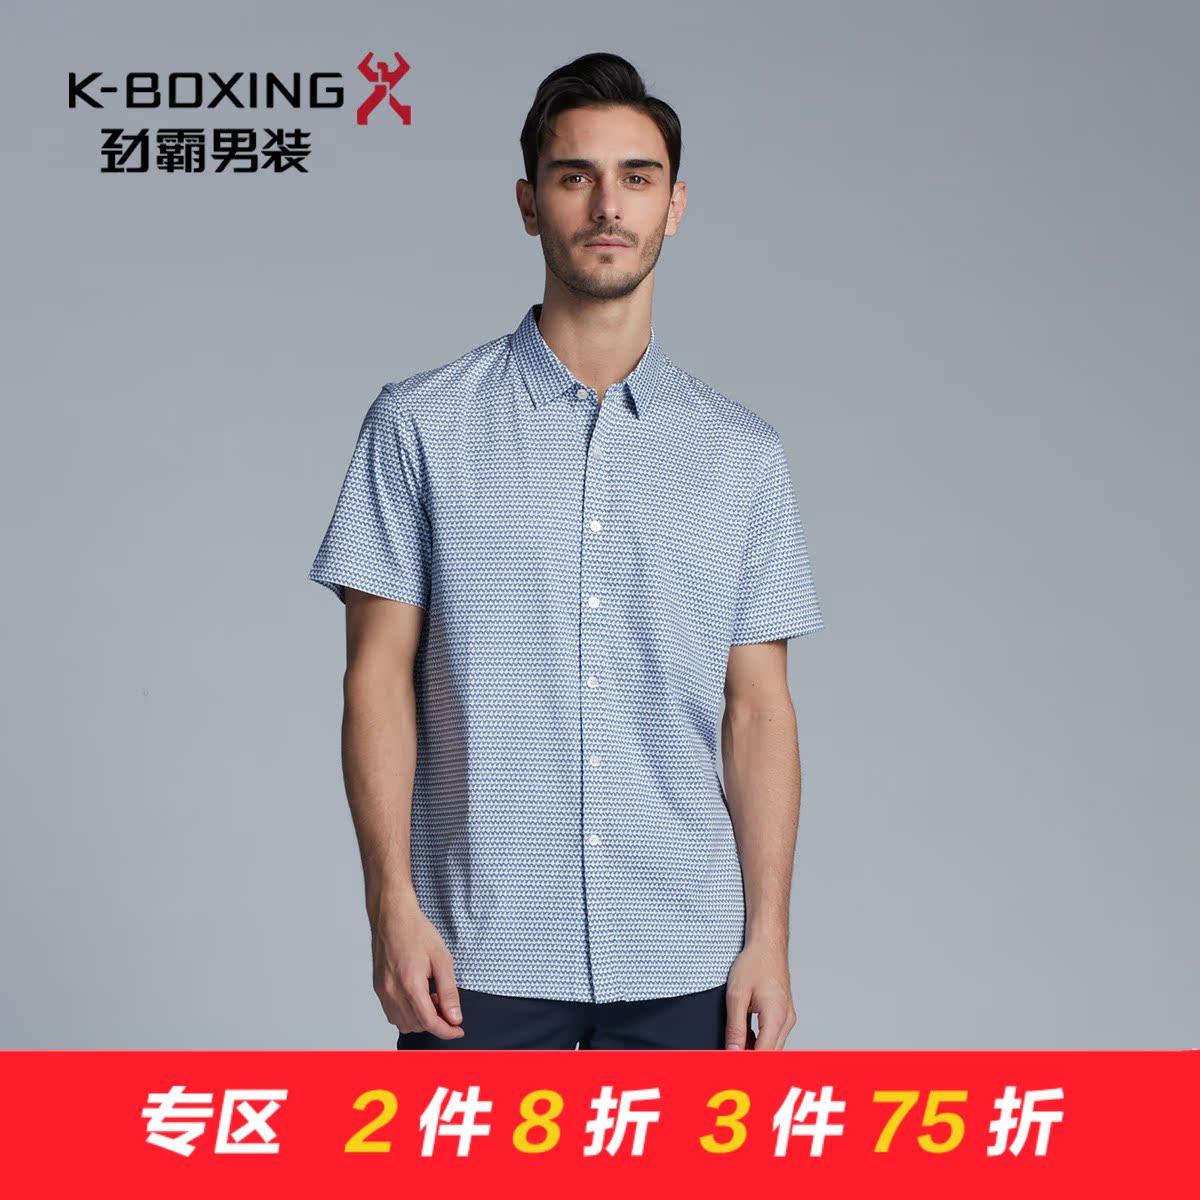 劲霸短袖衬衫夏季新款叶子印花 棉感舒适短袖衬衫男|BADY2311